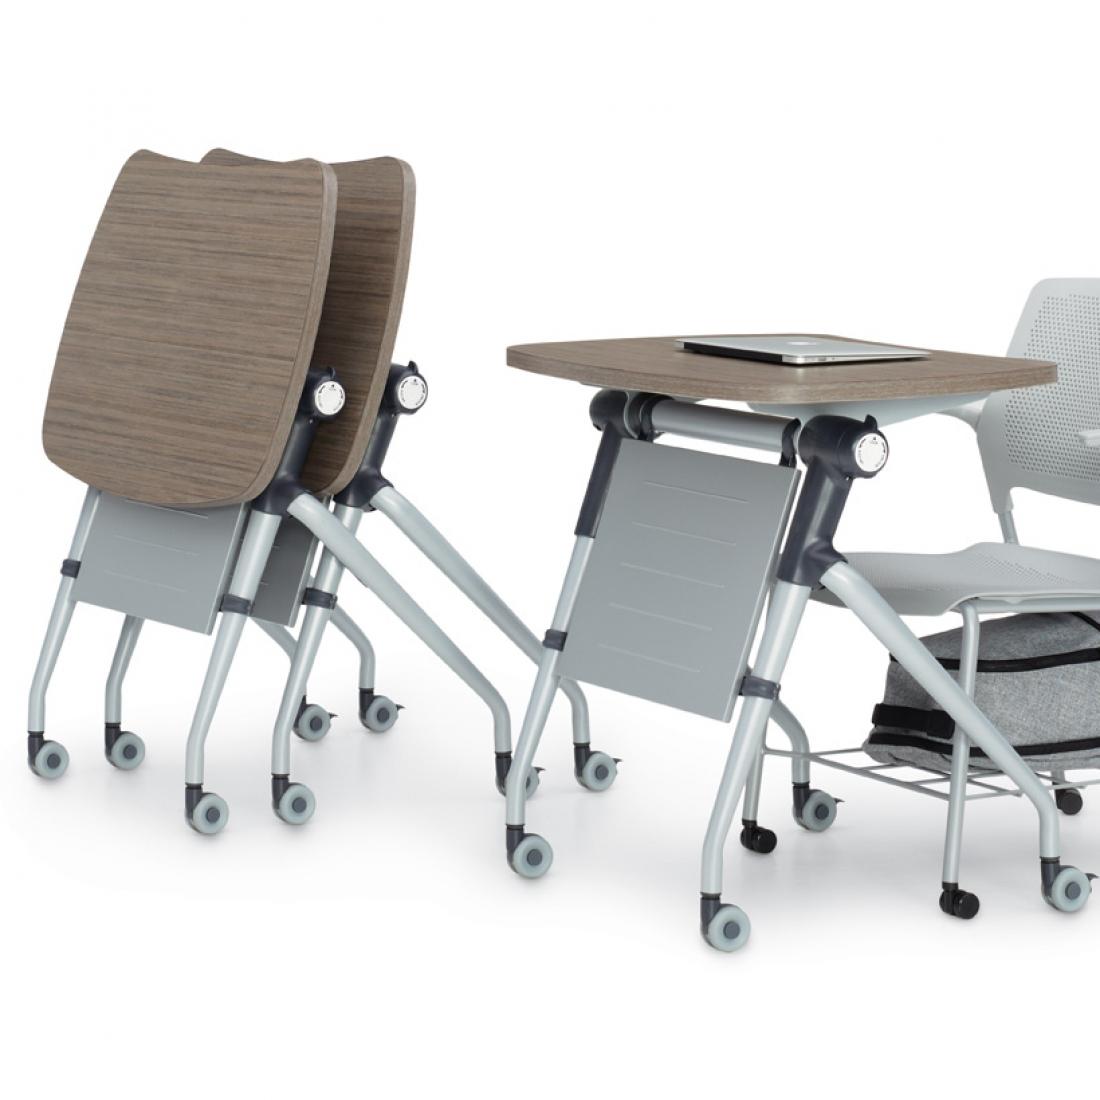 zook multi purpose tables